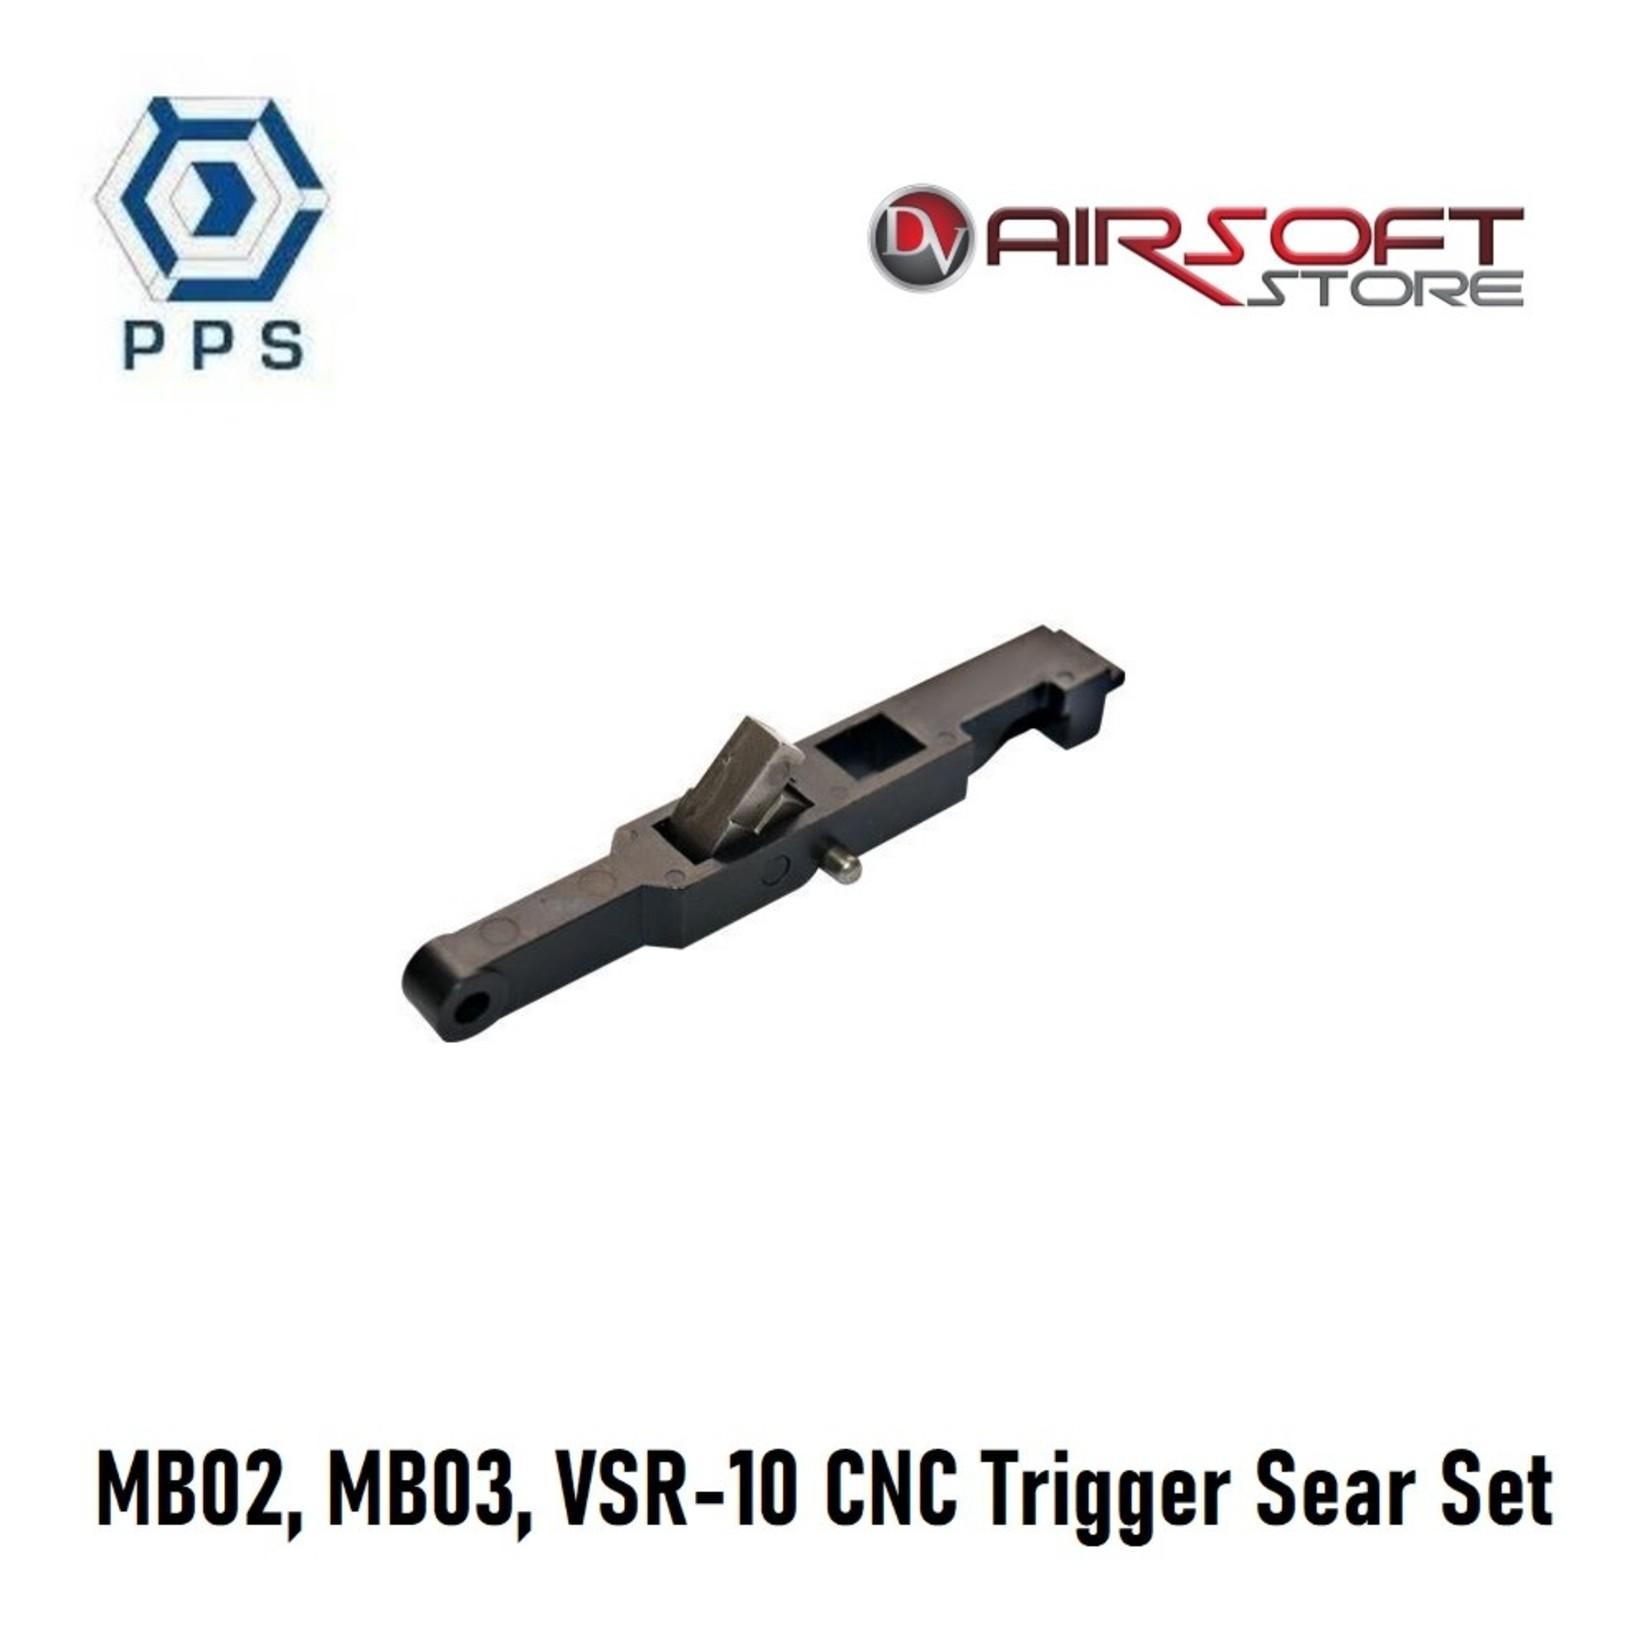 pps MB02, MB03, VSR-10 CNC Trigger Sear Set